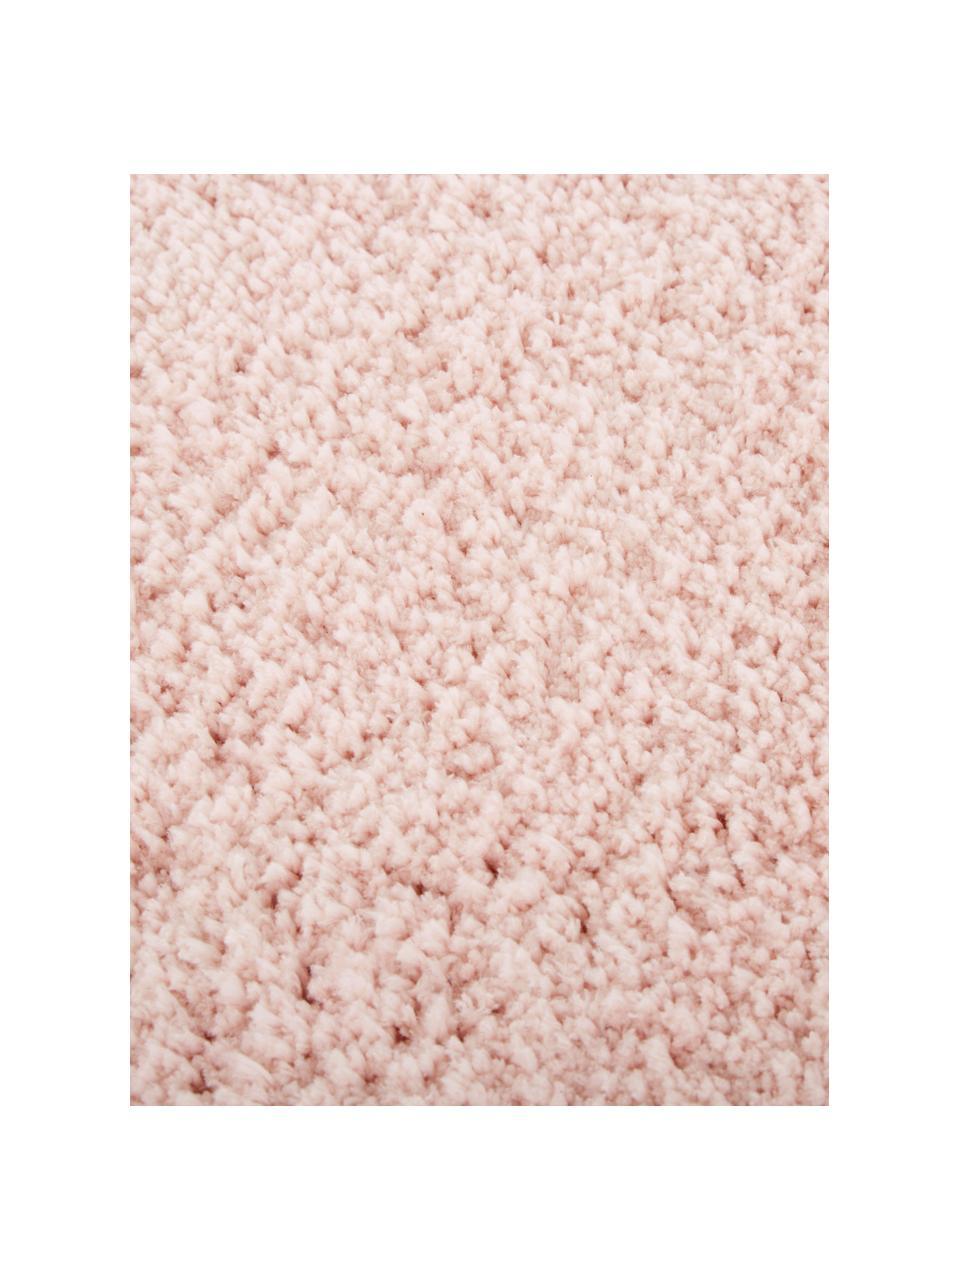 Tappeto soffice a pelo lungo rosa Leighton, Retro: 70% poliestere, 30% coton, Rosa, Larg. 80 x Lung. 150 cm (taglia XS)